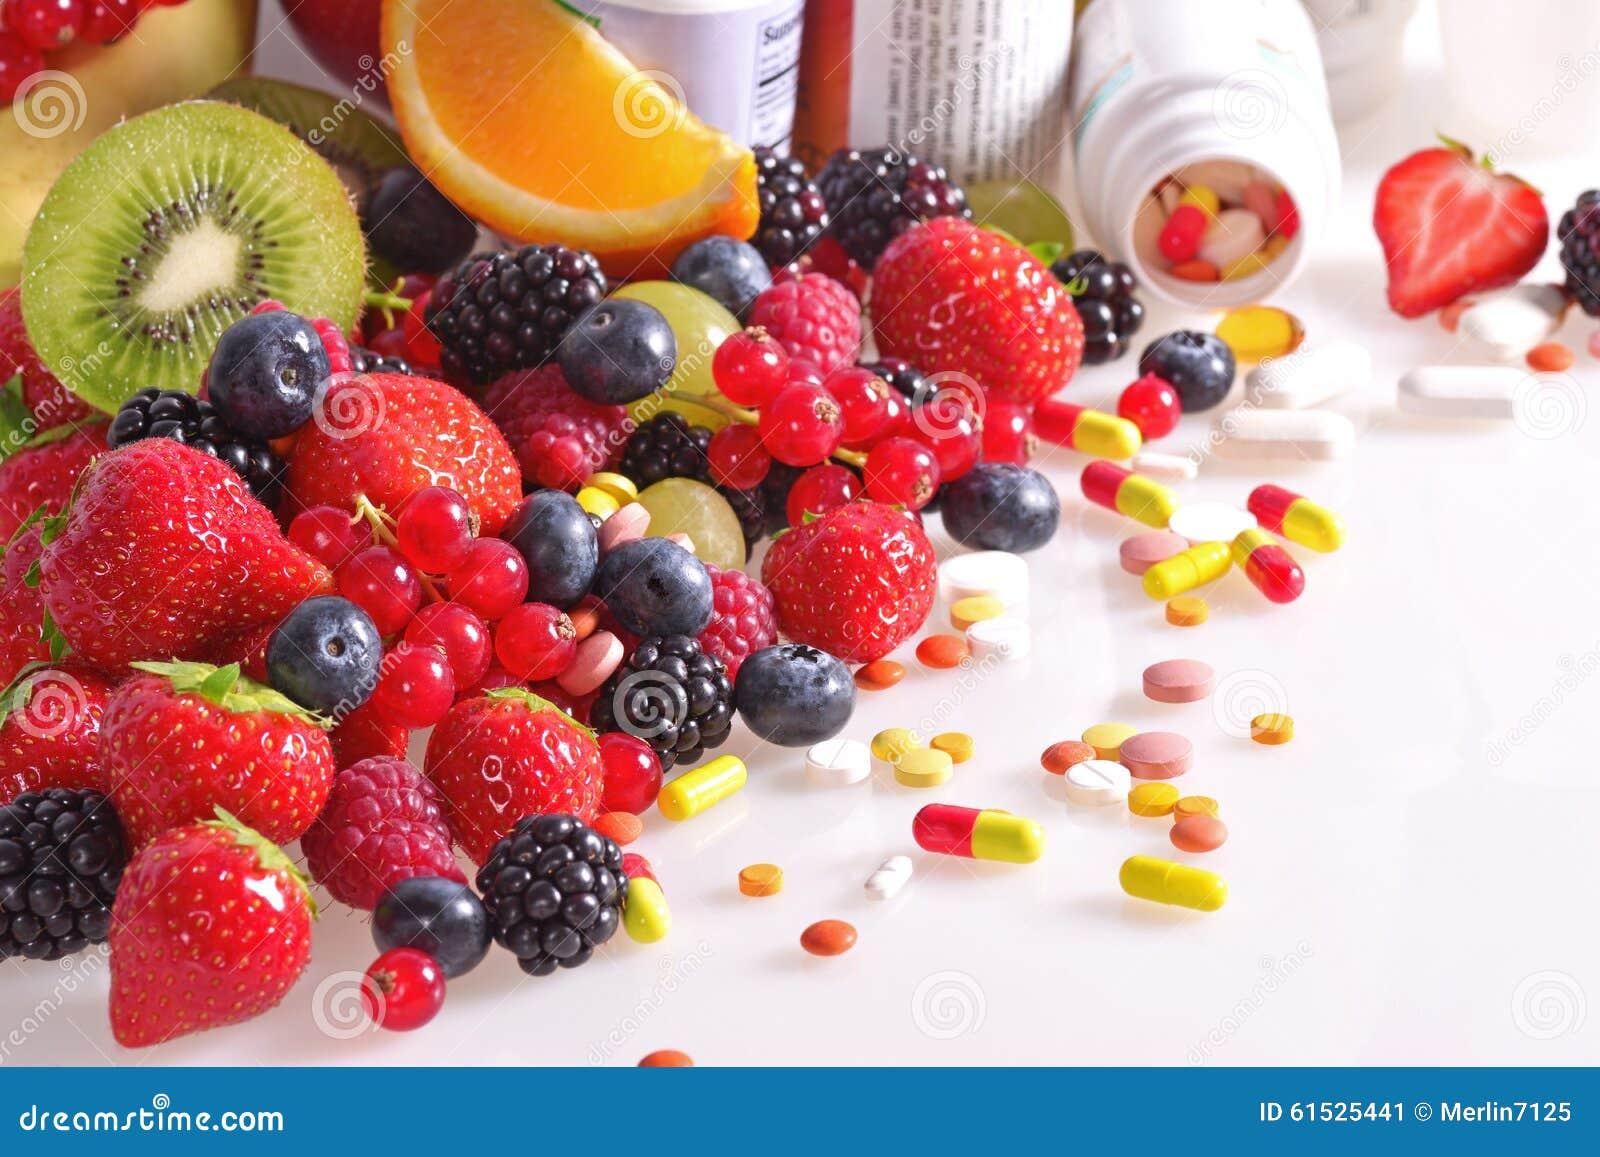 Beeren, Früchte, Vitamine und Ernährungsergänzungen